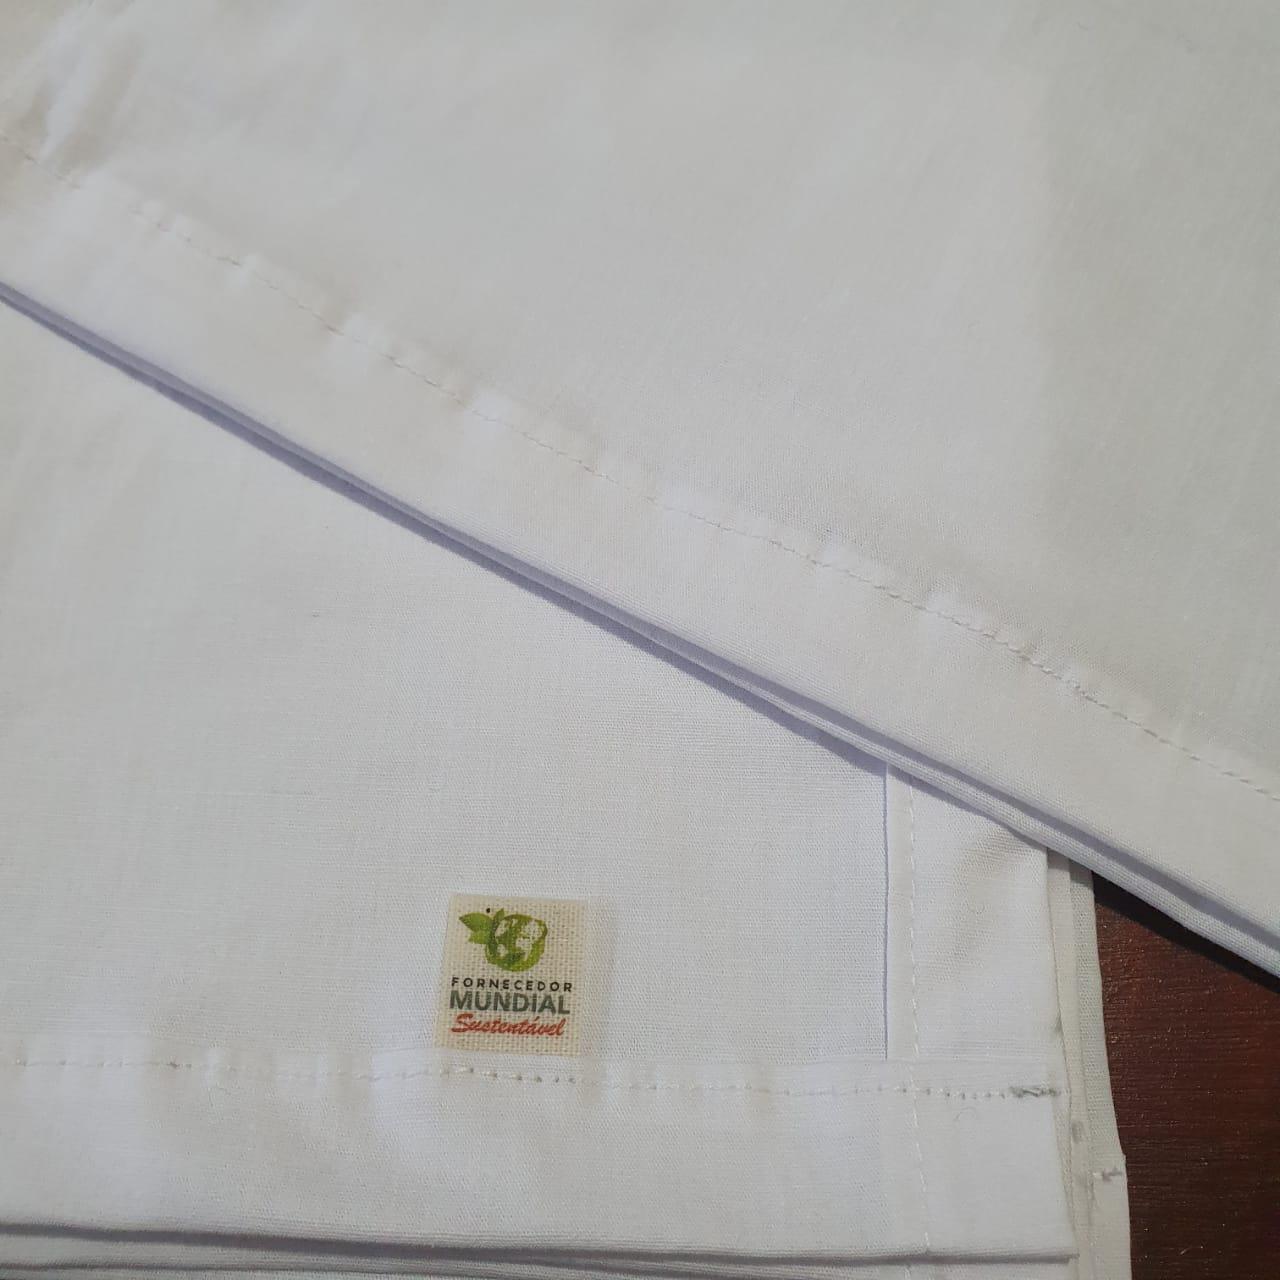 Kit com 6 Guardanapos de tecido 100% algodão - utilize no lugar do papel toalha REUTILIZE!